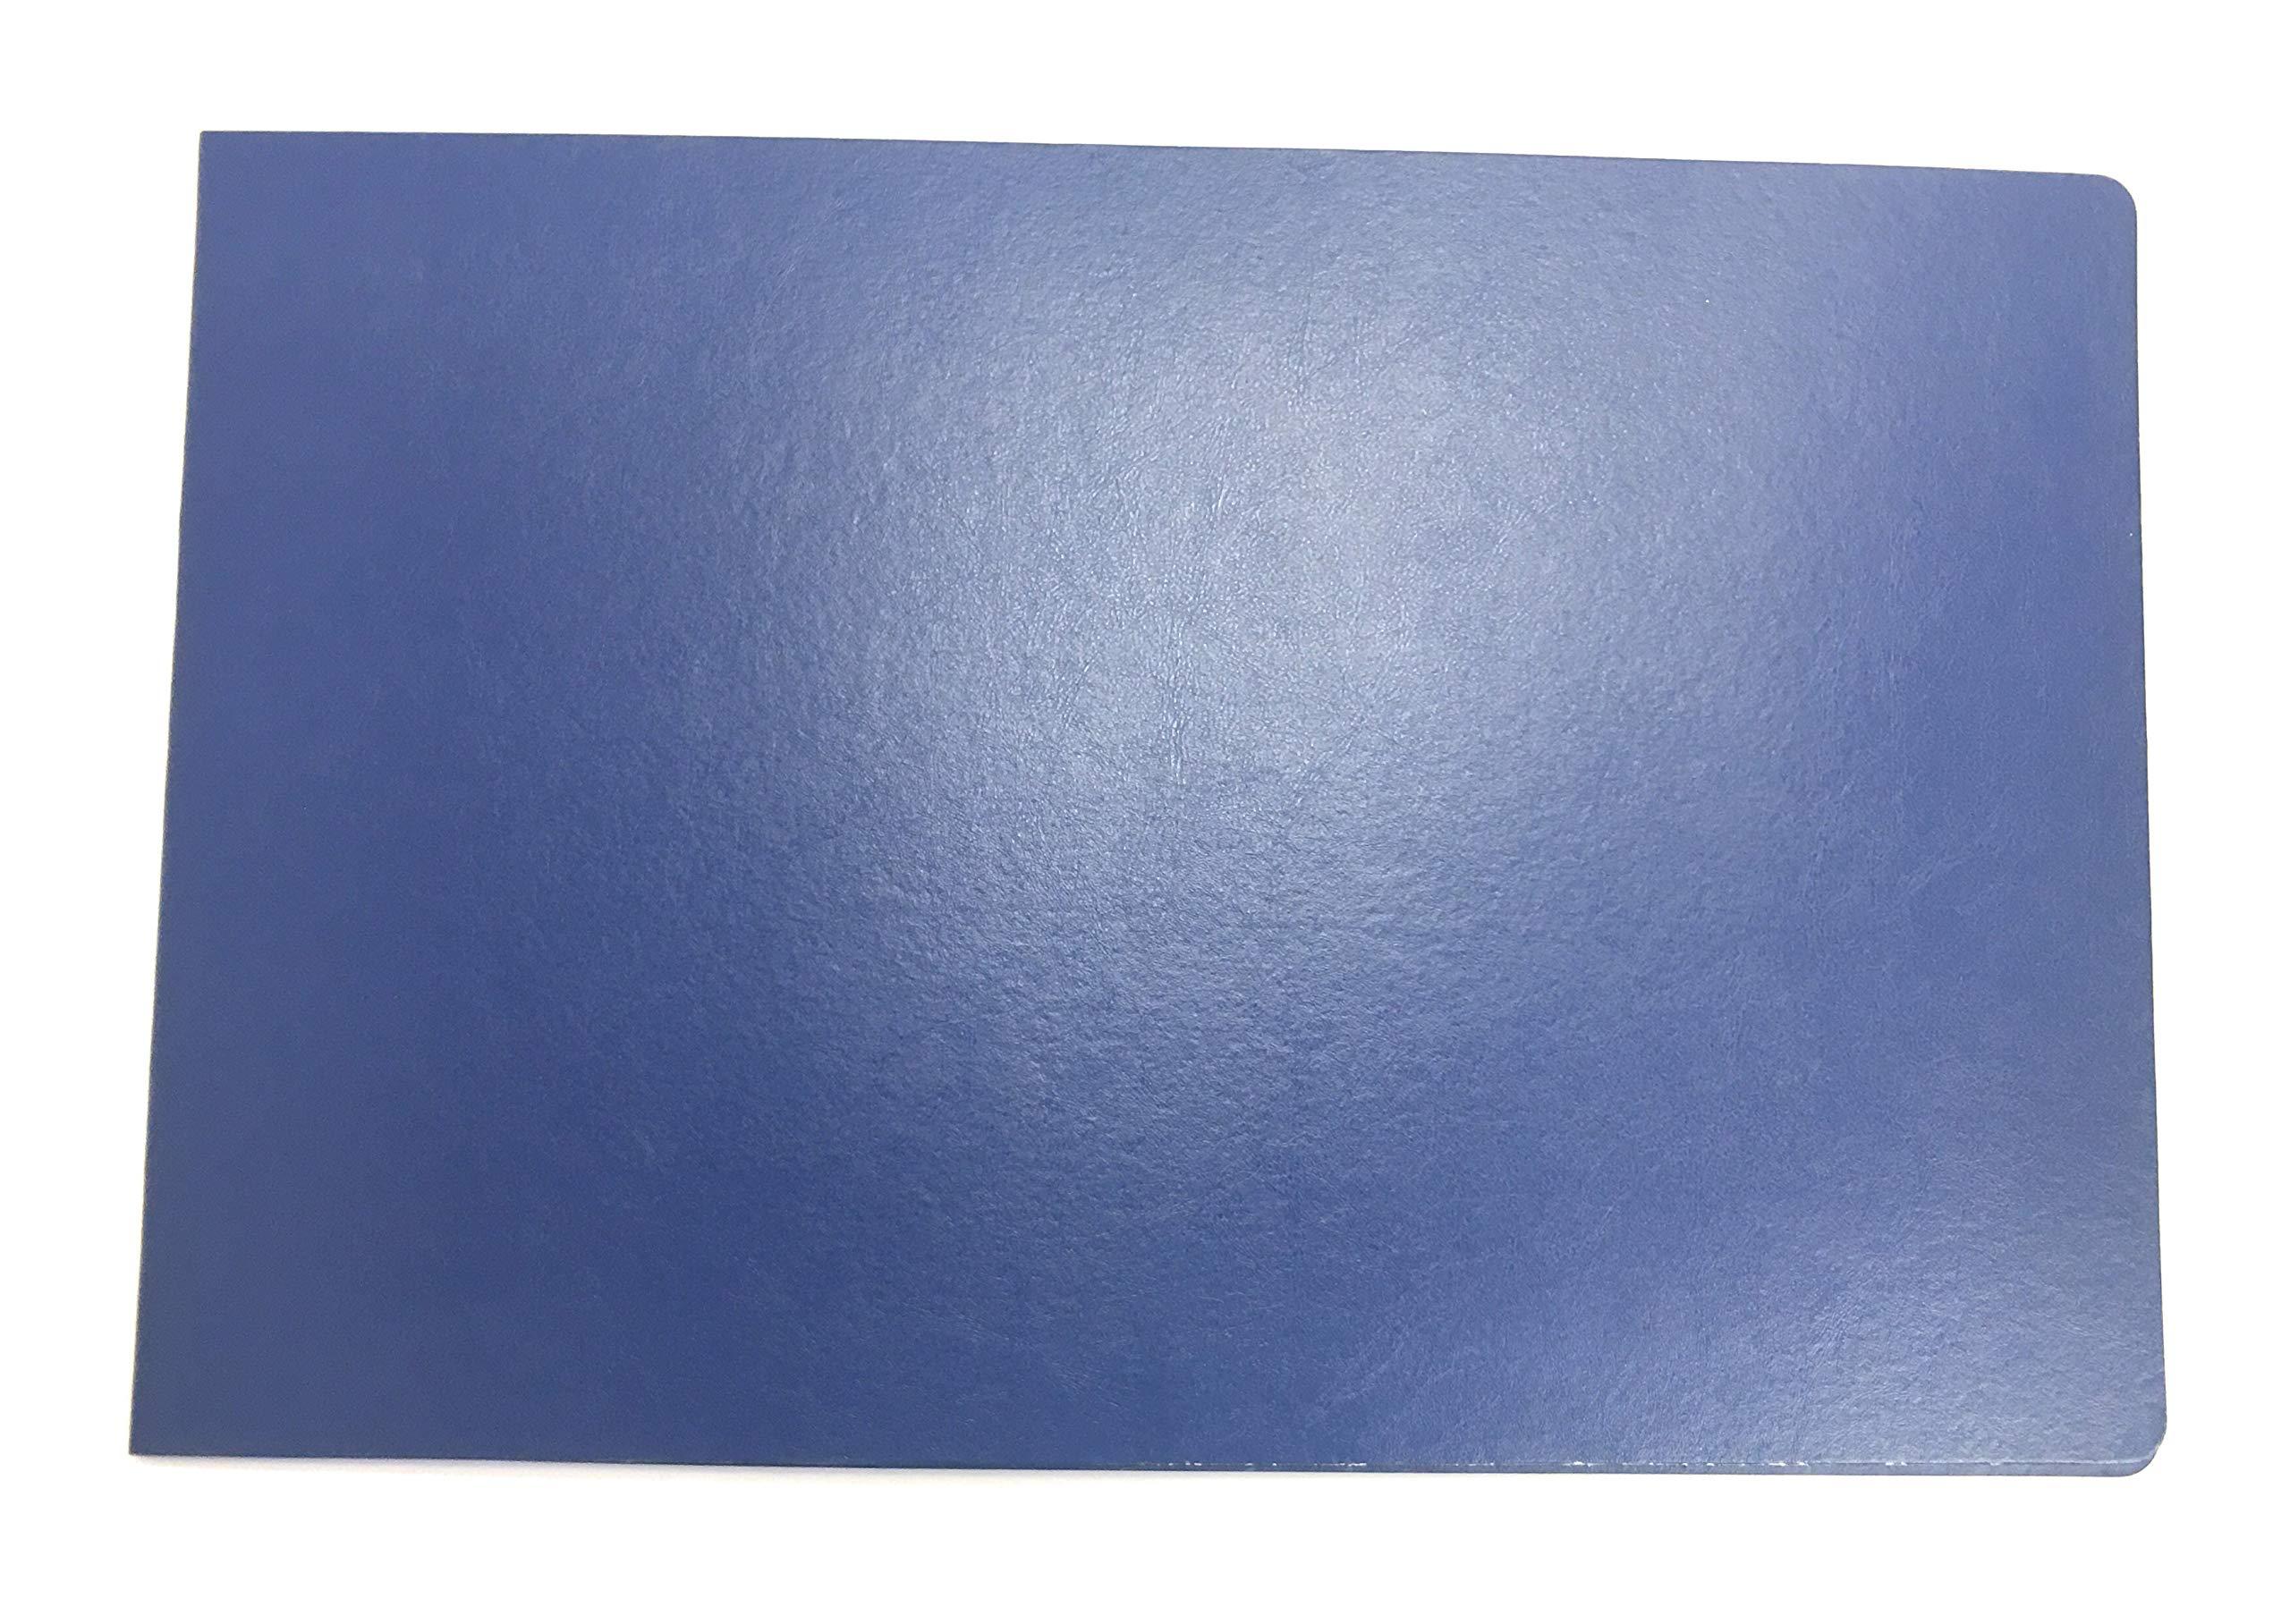 11x17 Fiberboard Pressboard Presentation Binder, Pack of 10 (Blue) by Ring Binder Depot